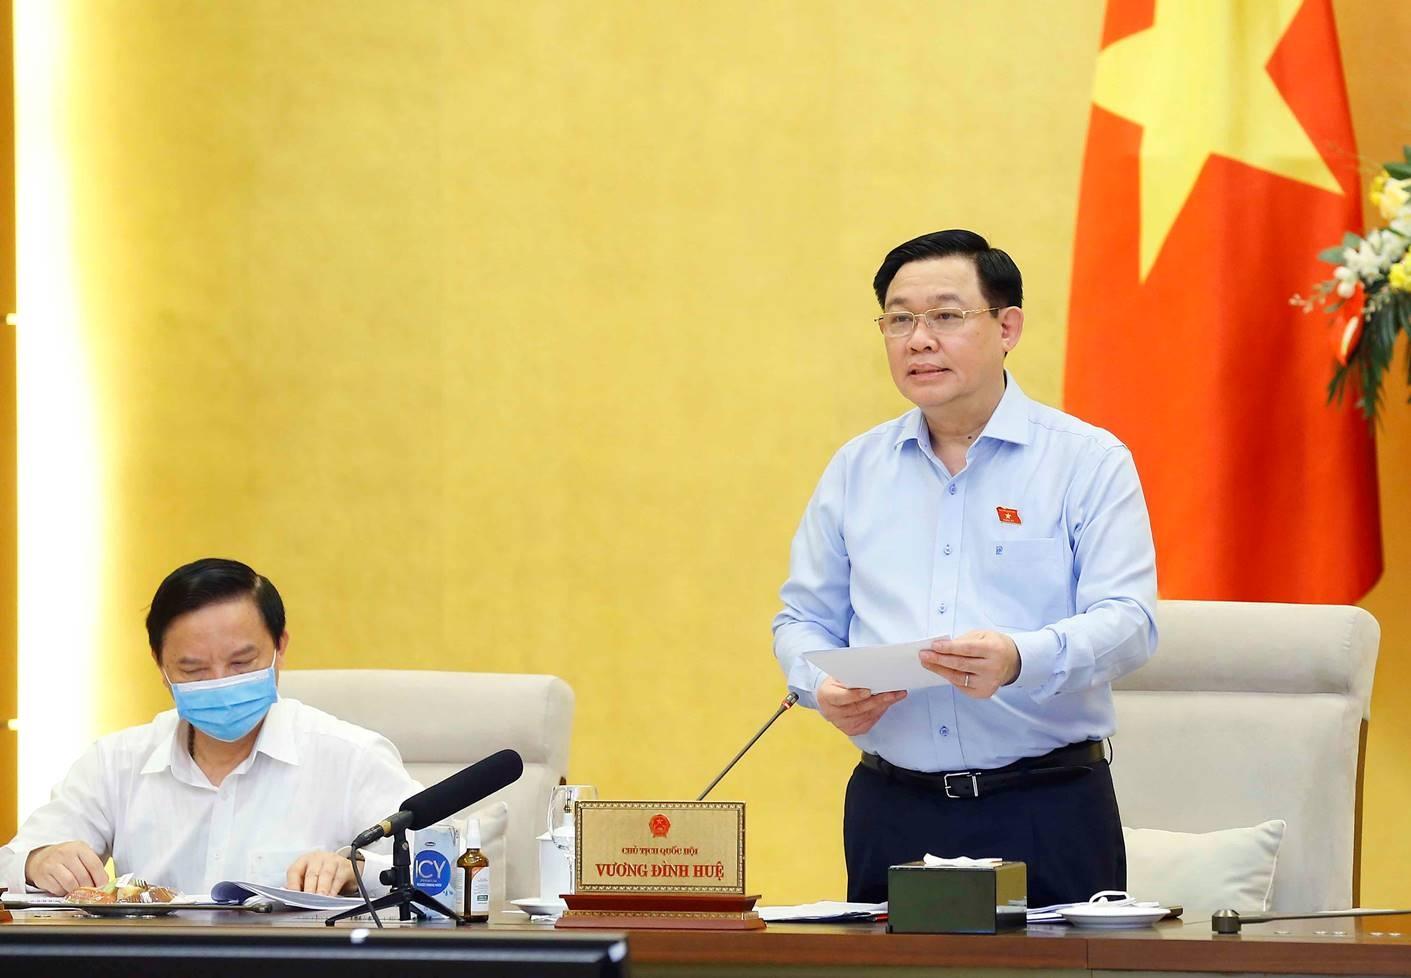 Ủy ban Thường vụ Quốc hội đồng ý dùng 30.000 tỷ đồng hỗ trợ người lao động